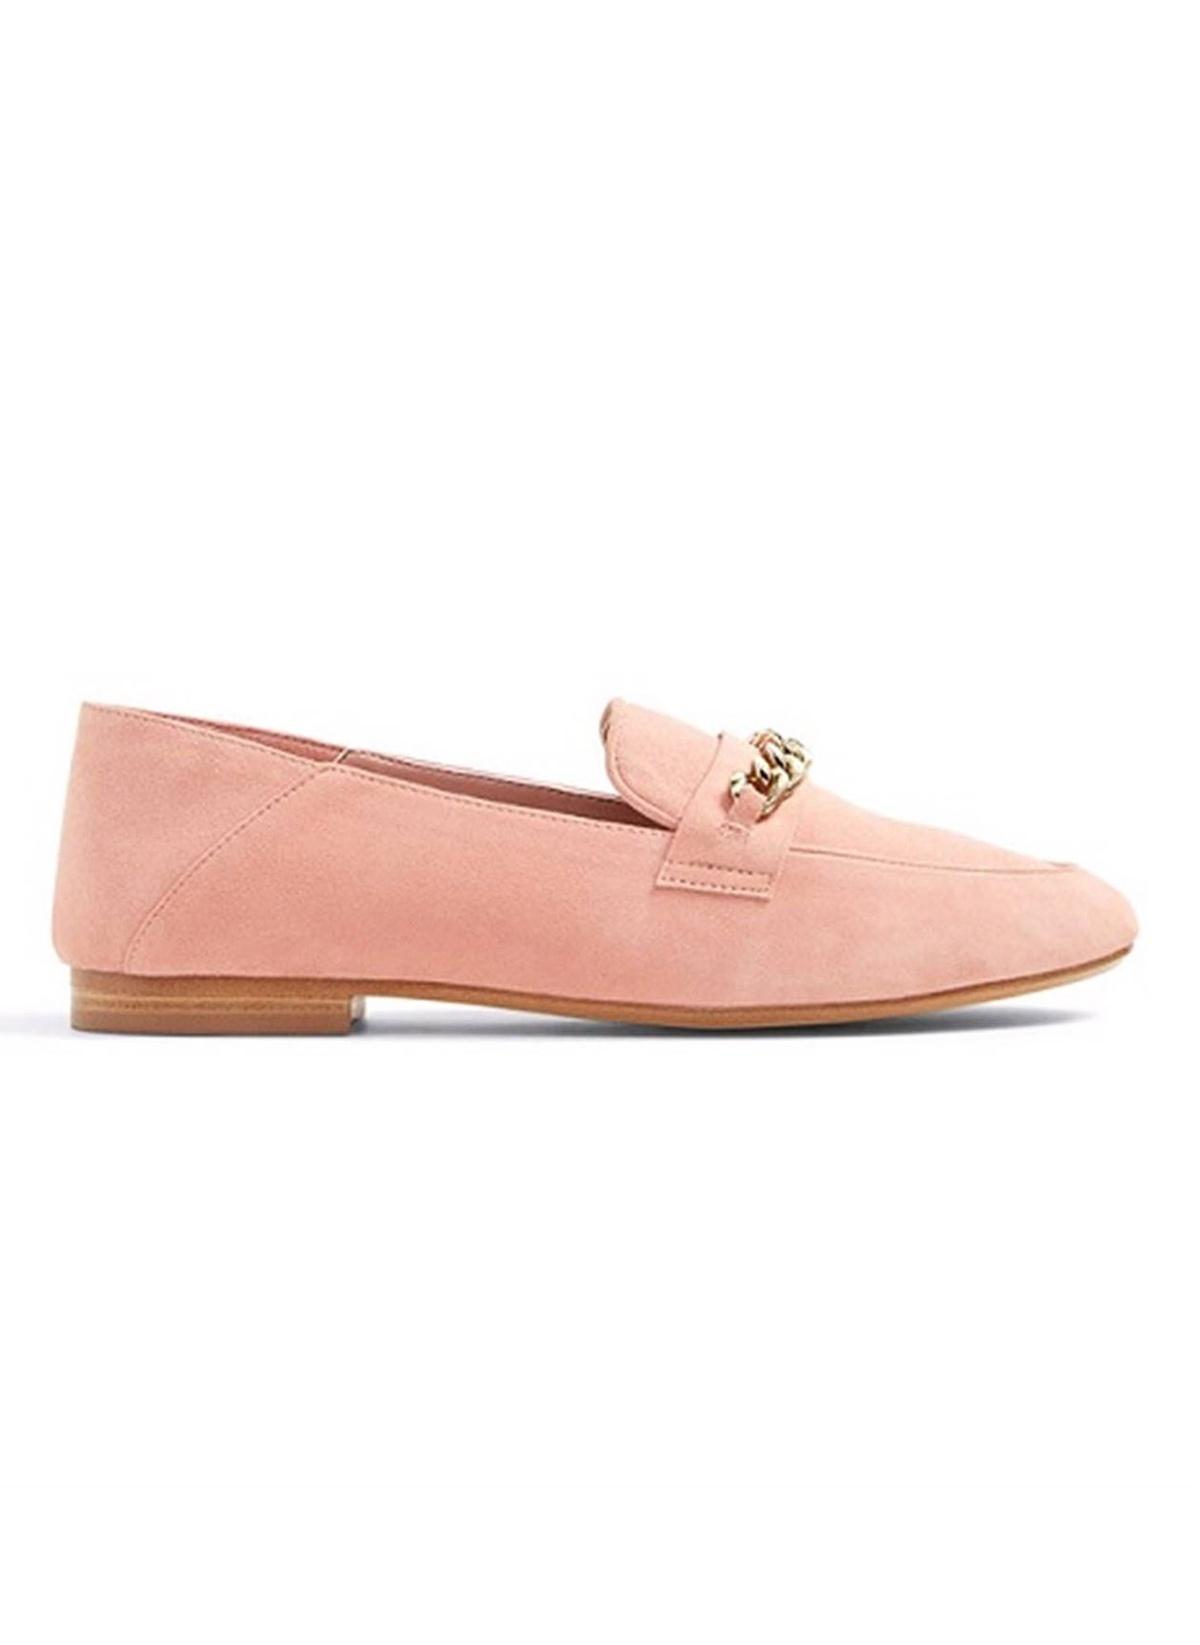 Aldo Loafer Ayakkabı Gemona Ayakkabı – 199.0 TL